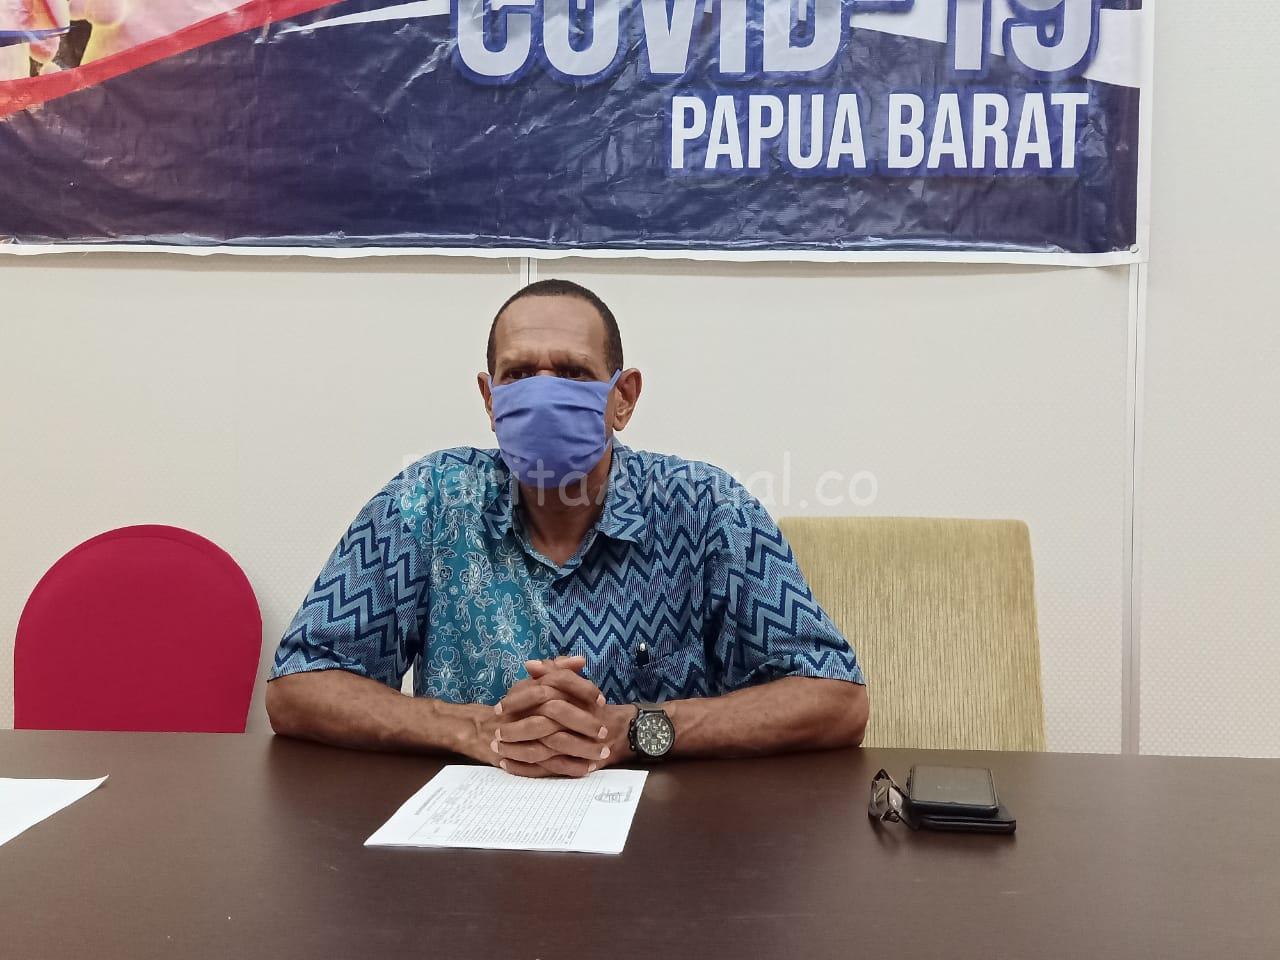 Update Terbaru, Tambah 5 Pasien Positif Covid-19 Total di Papua Barat 13 Orang 23 IMG 20200423 WA0076